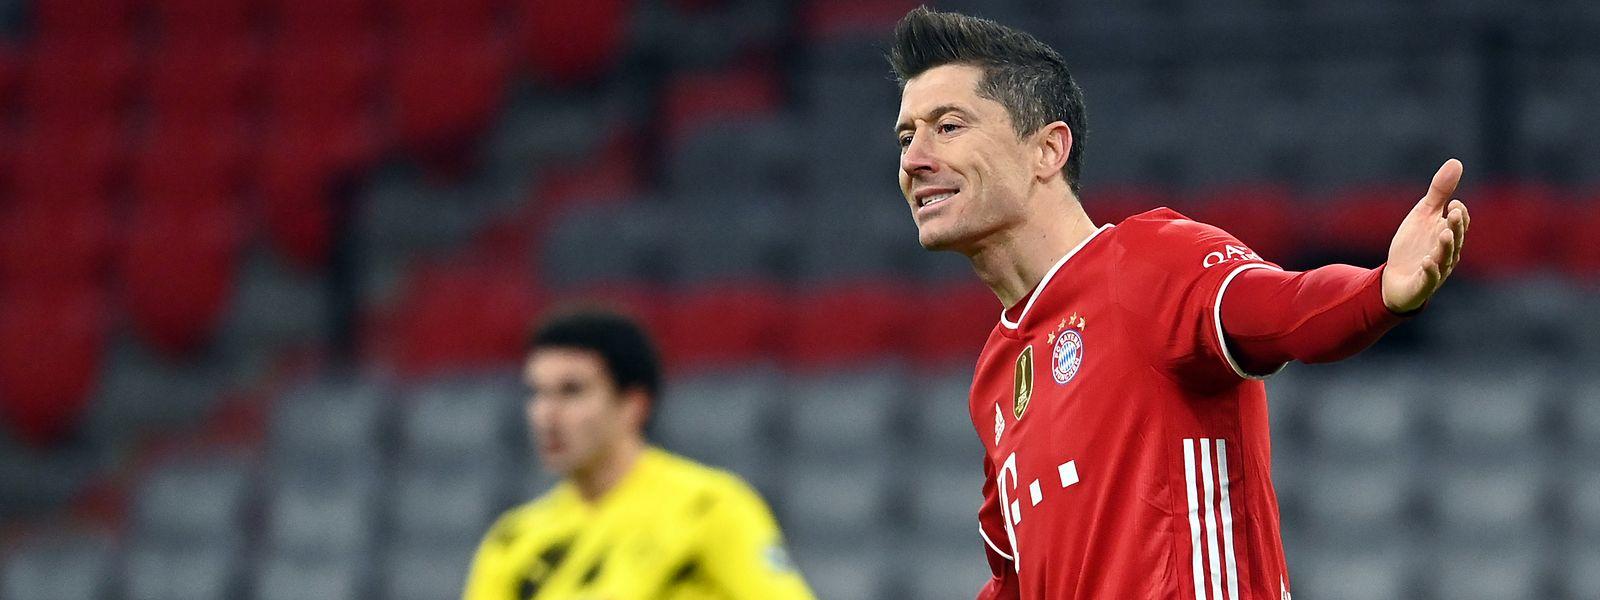 Münchens Stürmer Robert Lewandowski (r.) dreht das Spiel gegen Dortmund fast im Alleingang.